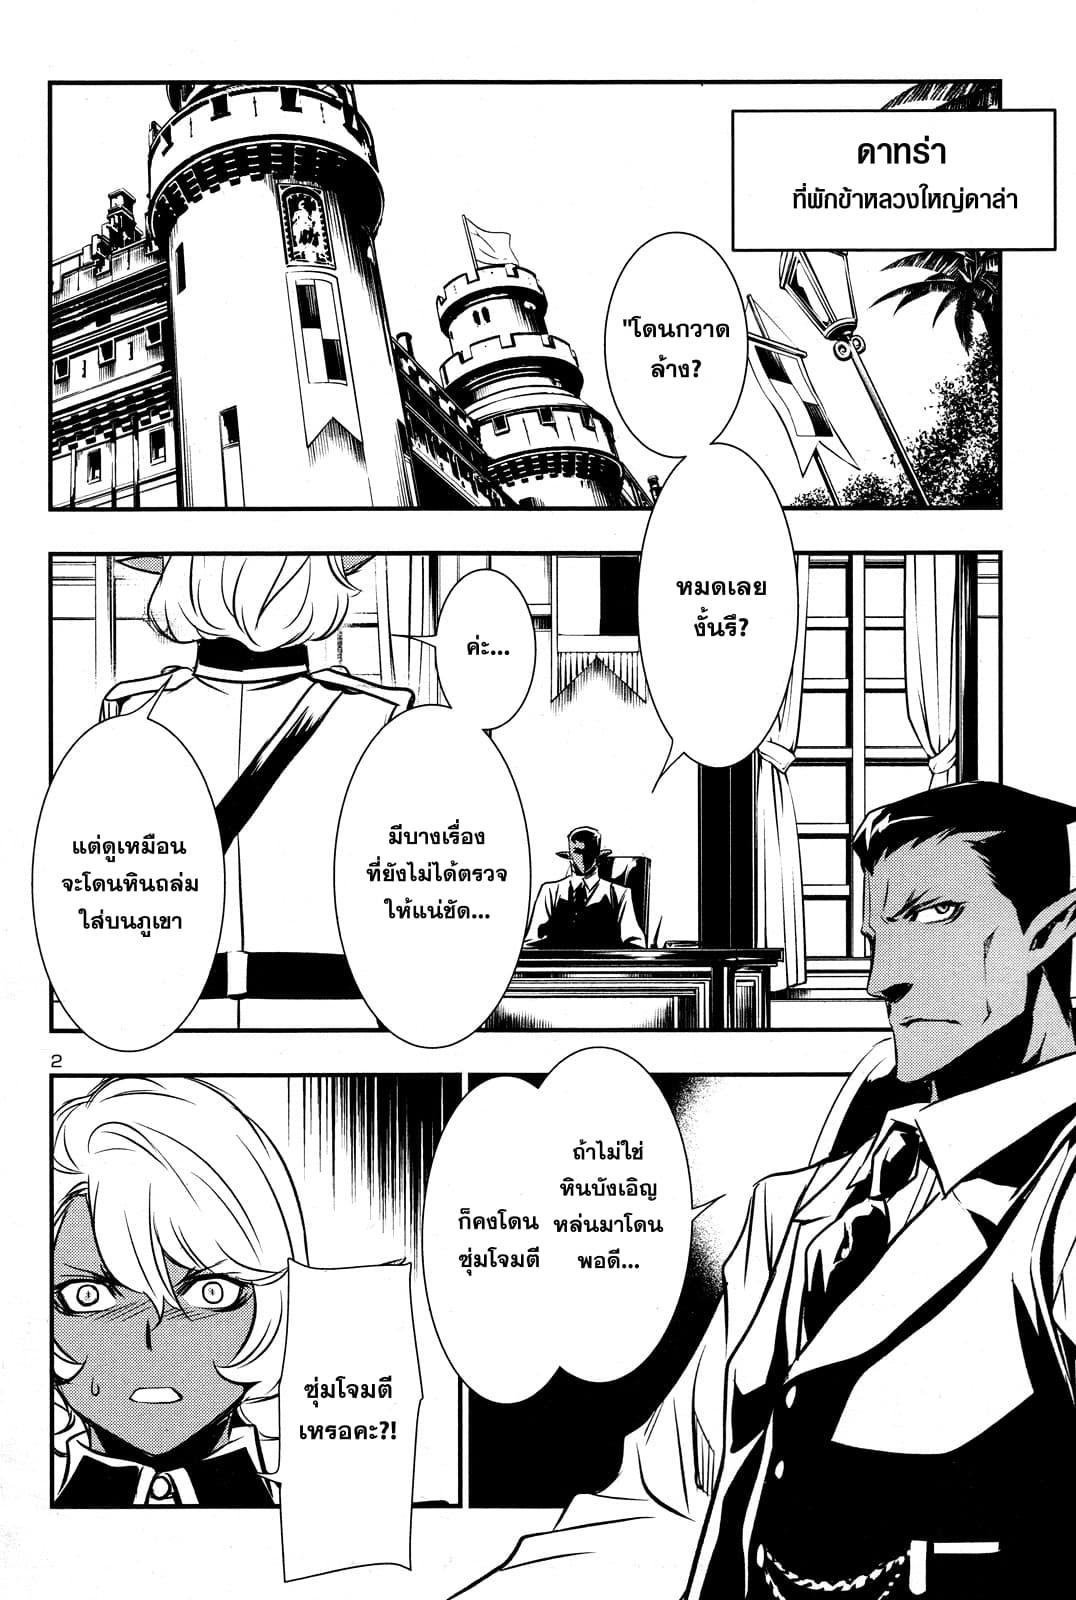 อ่านการ์ตูน Shinju no Nectar ตอนที่ 6 หน้าที่ 2